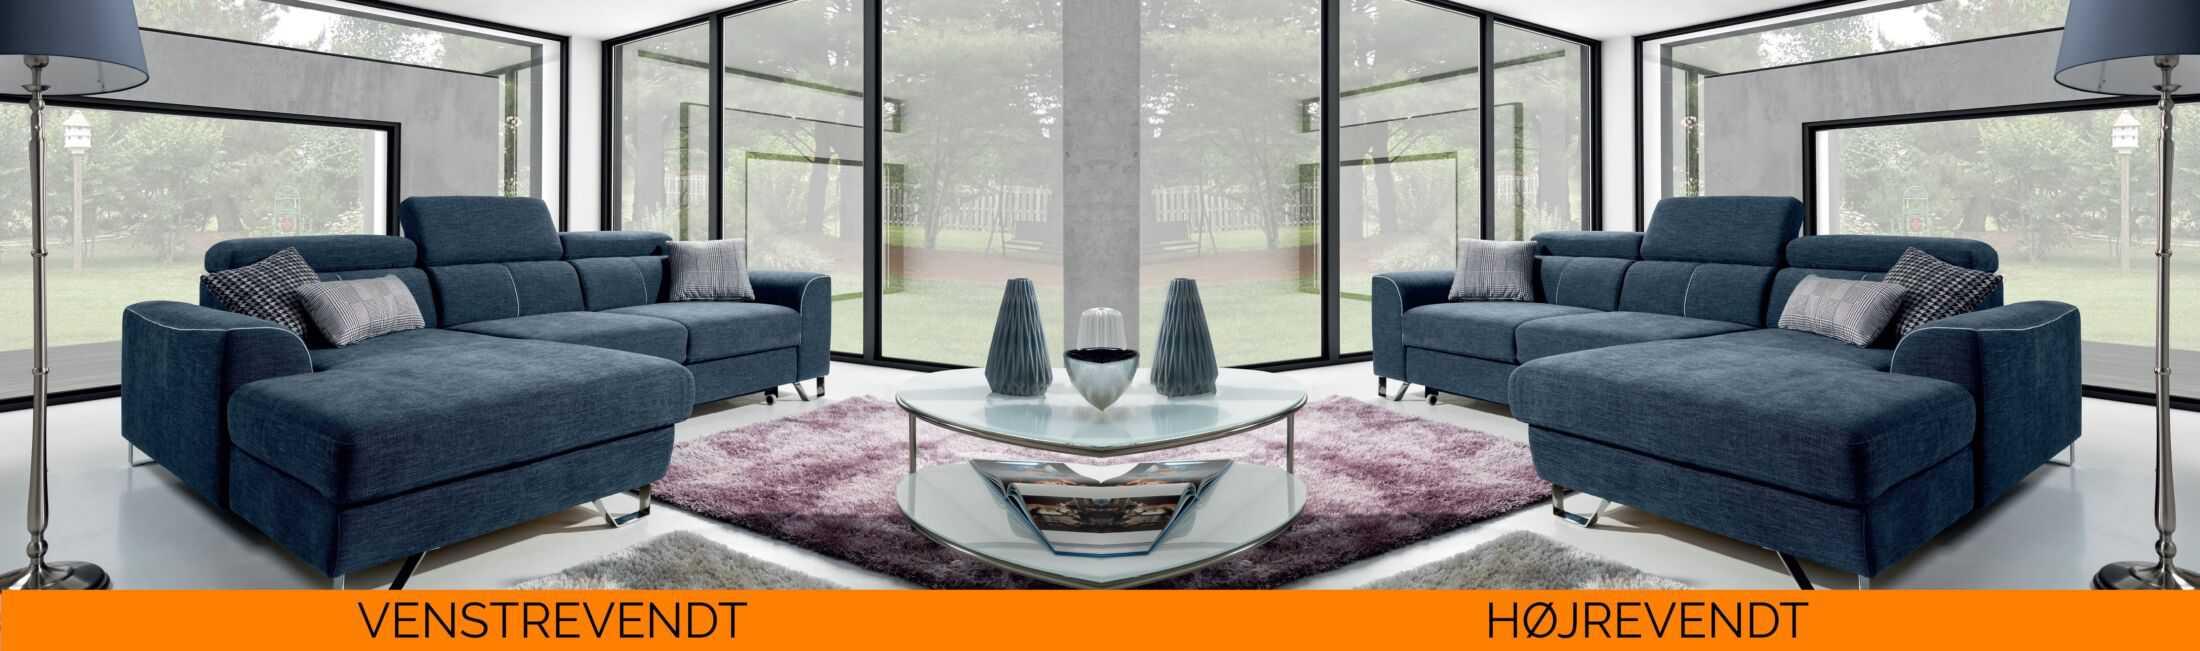 Antwerp sovesofa med chaisleong - billedet viser hvorda sofaen vender